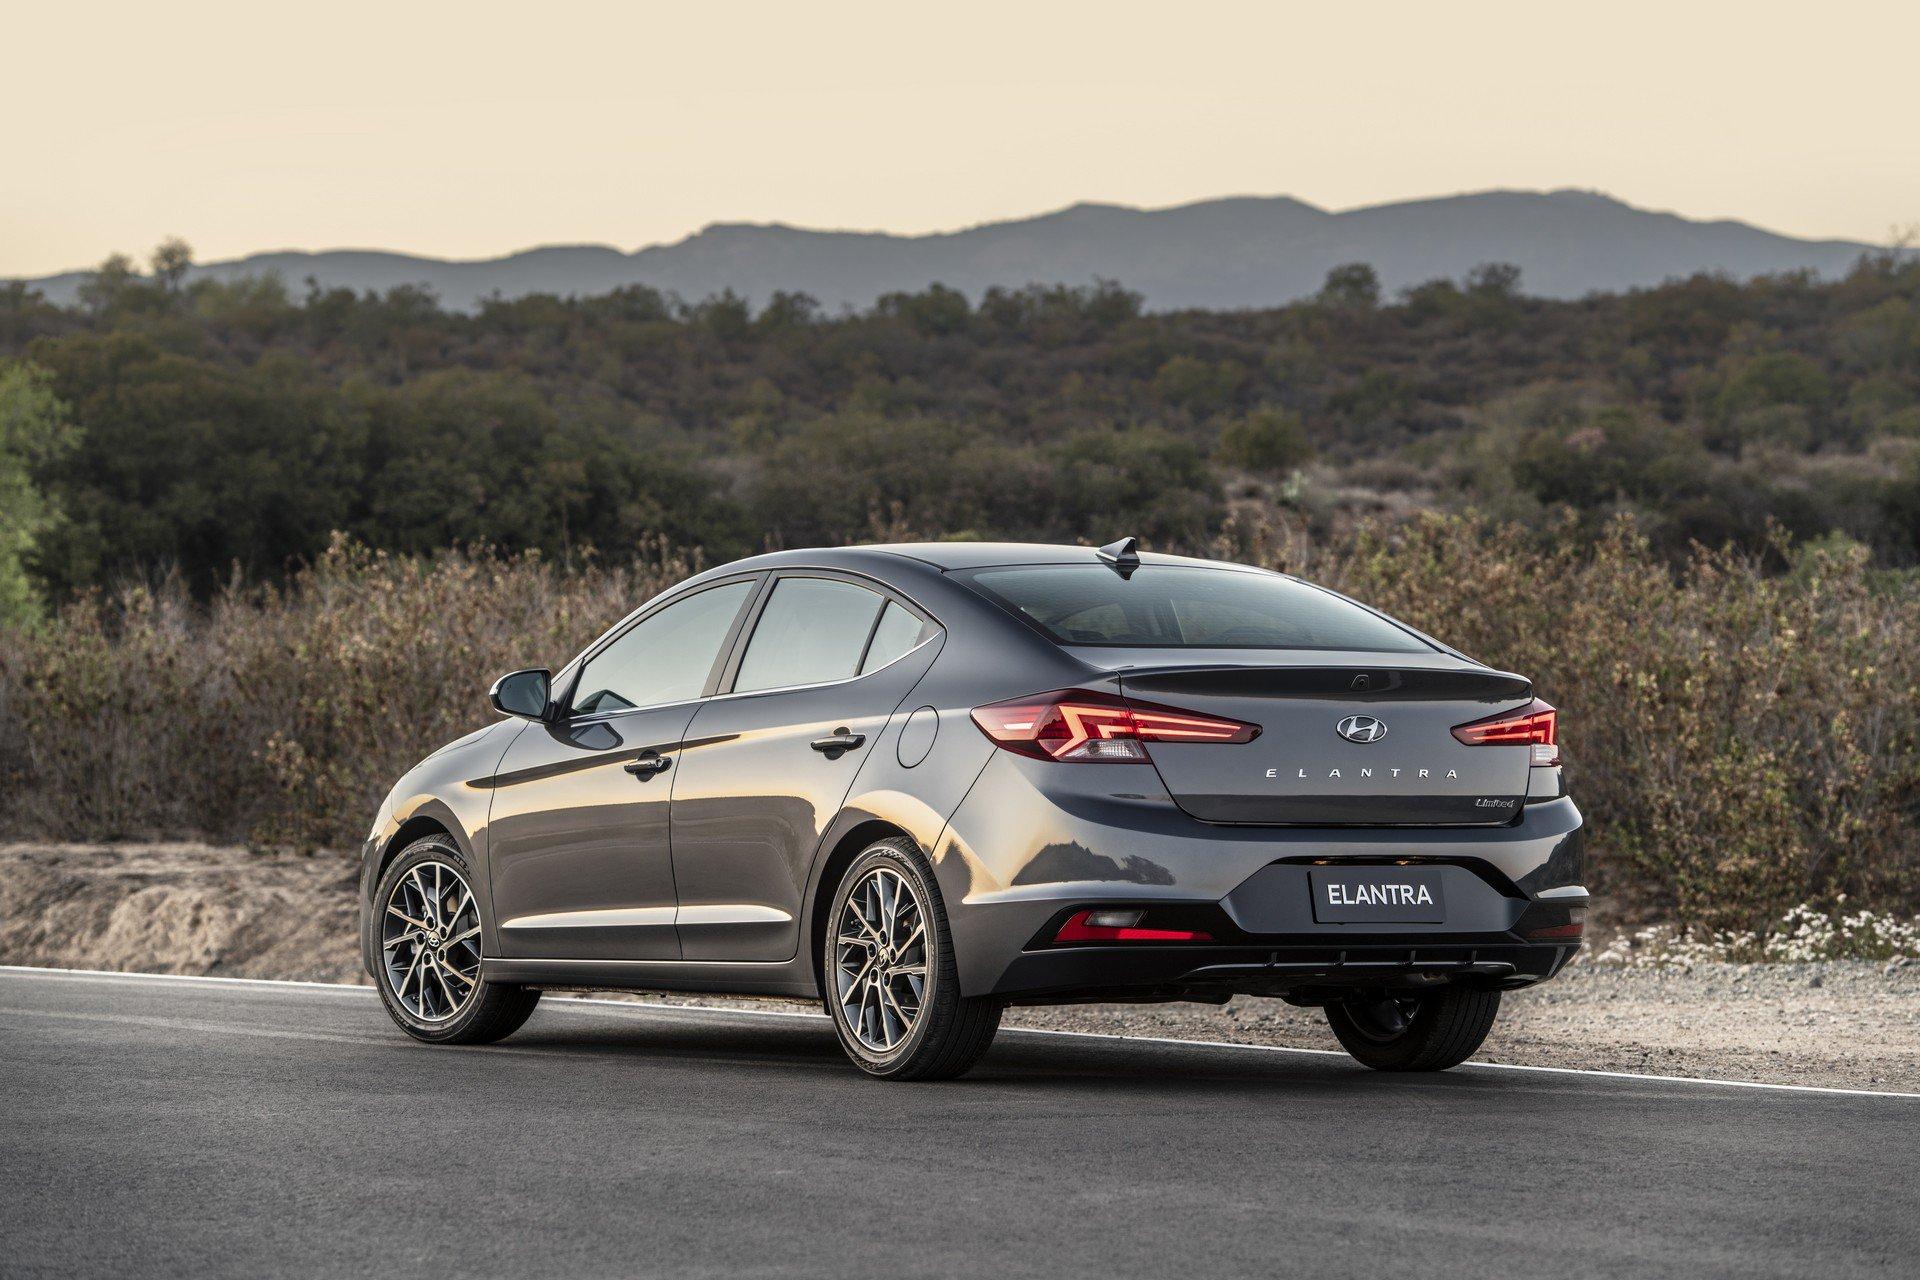 2019 Hyundai Elantra Revealed With Extra Sharp Facelift